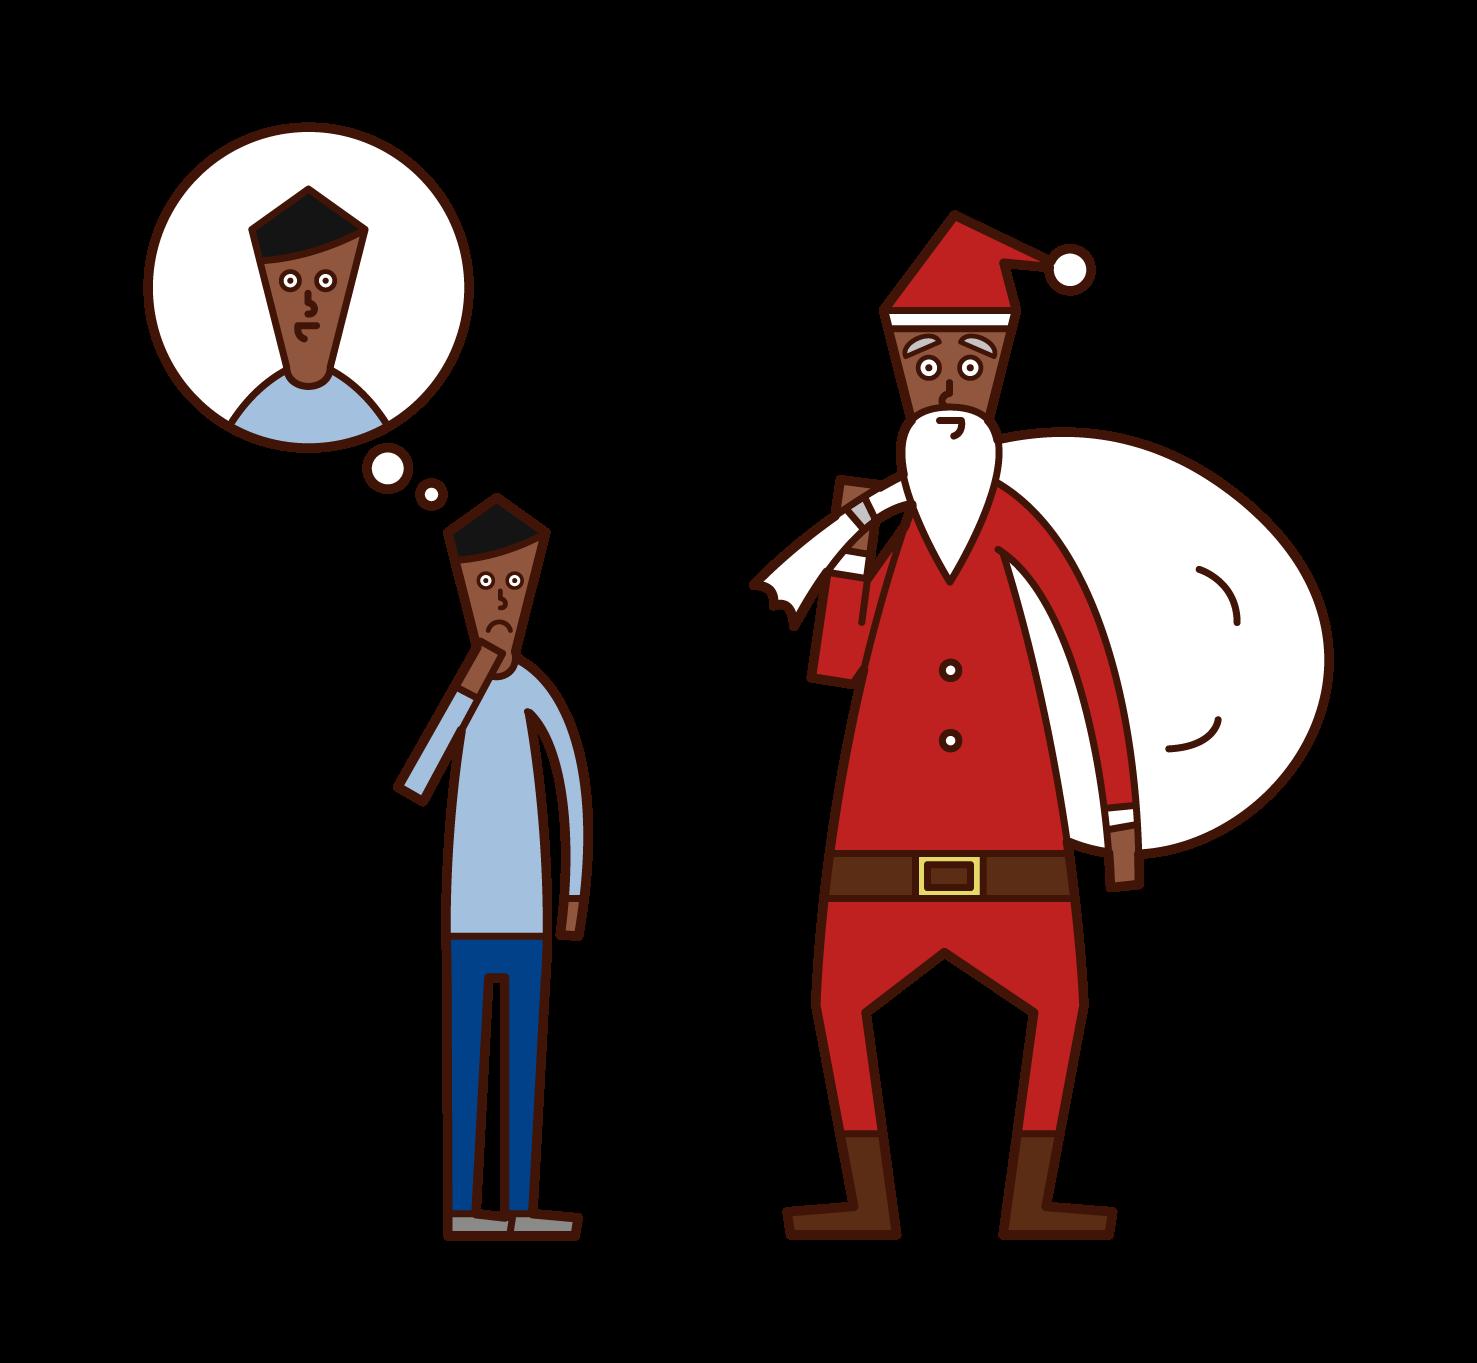 サンタクロースの正体を疑う子供(少年)のイラスト